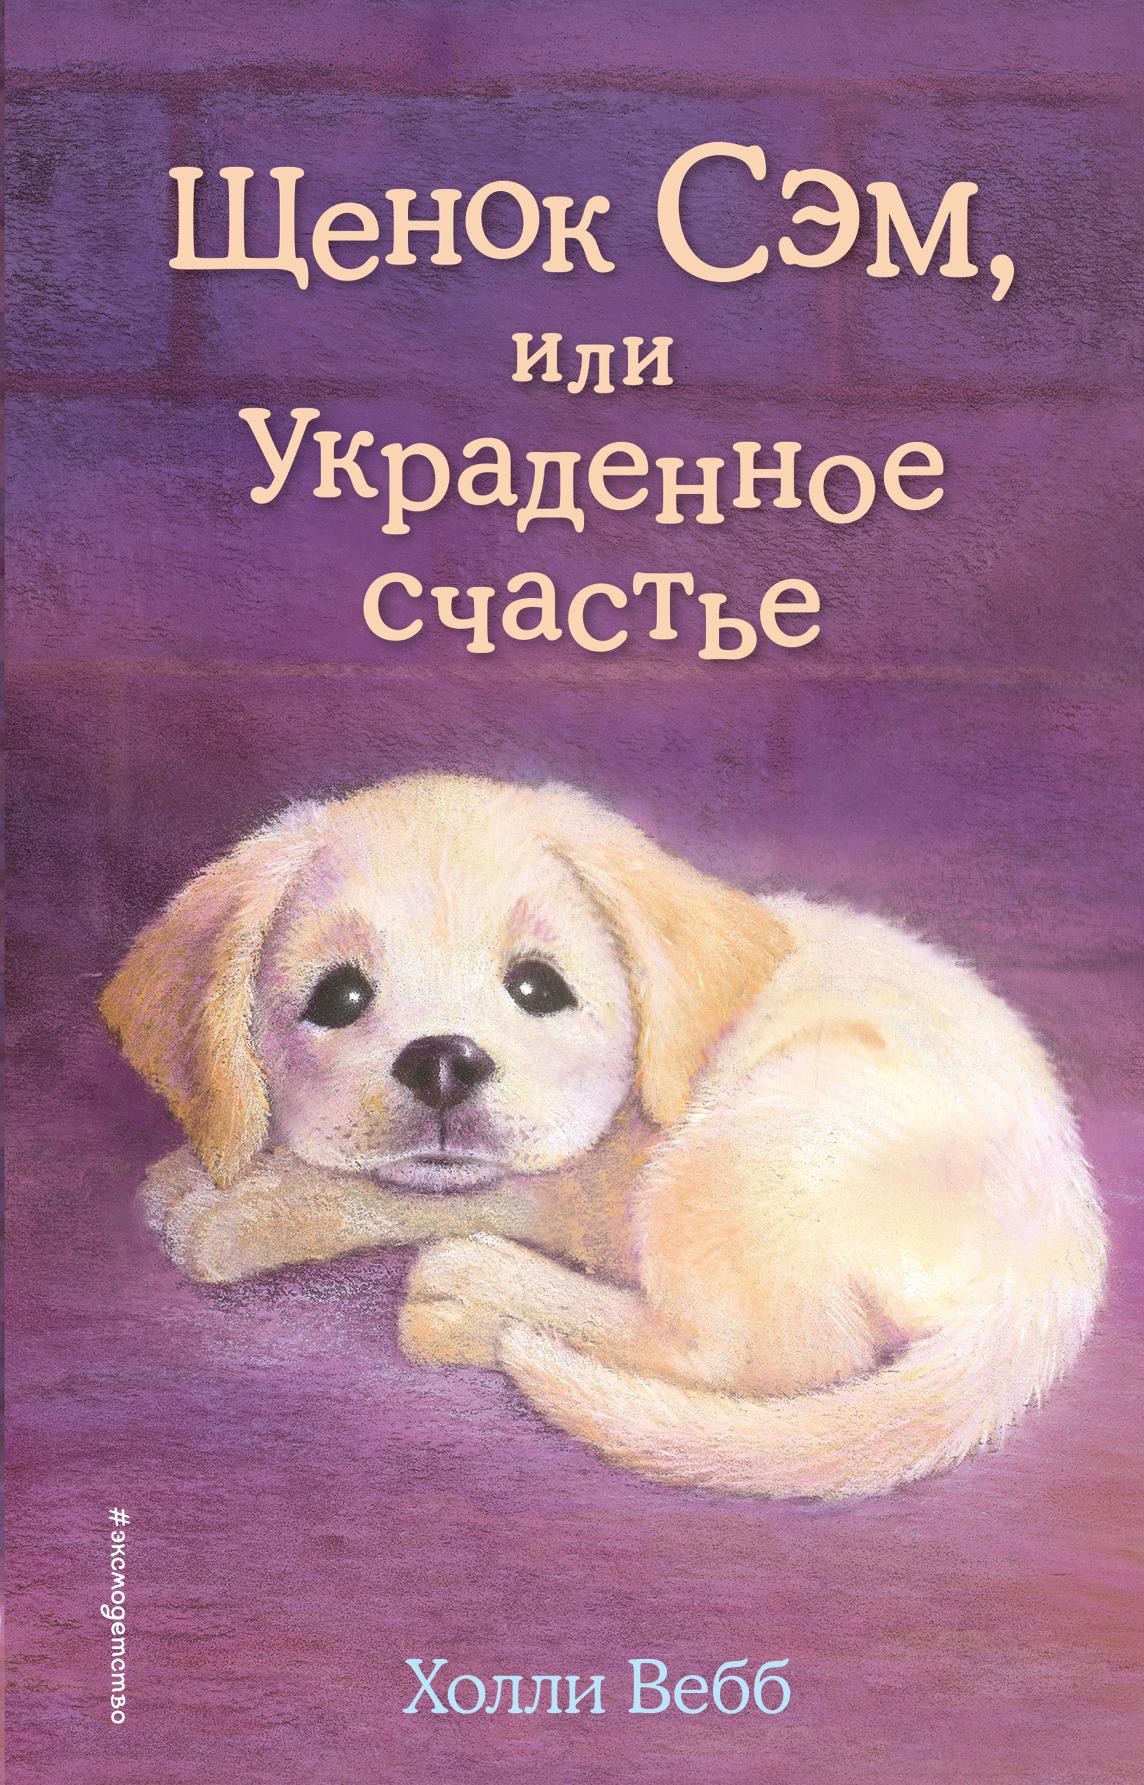 Холли Вебб Щенок Сэм, или Украденное счастье вебб х щенок сэм или украденное счастье isbn 978 5 699 93583 3